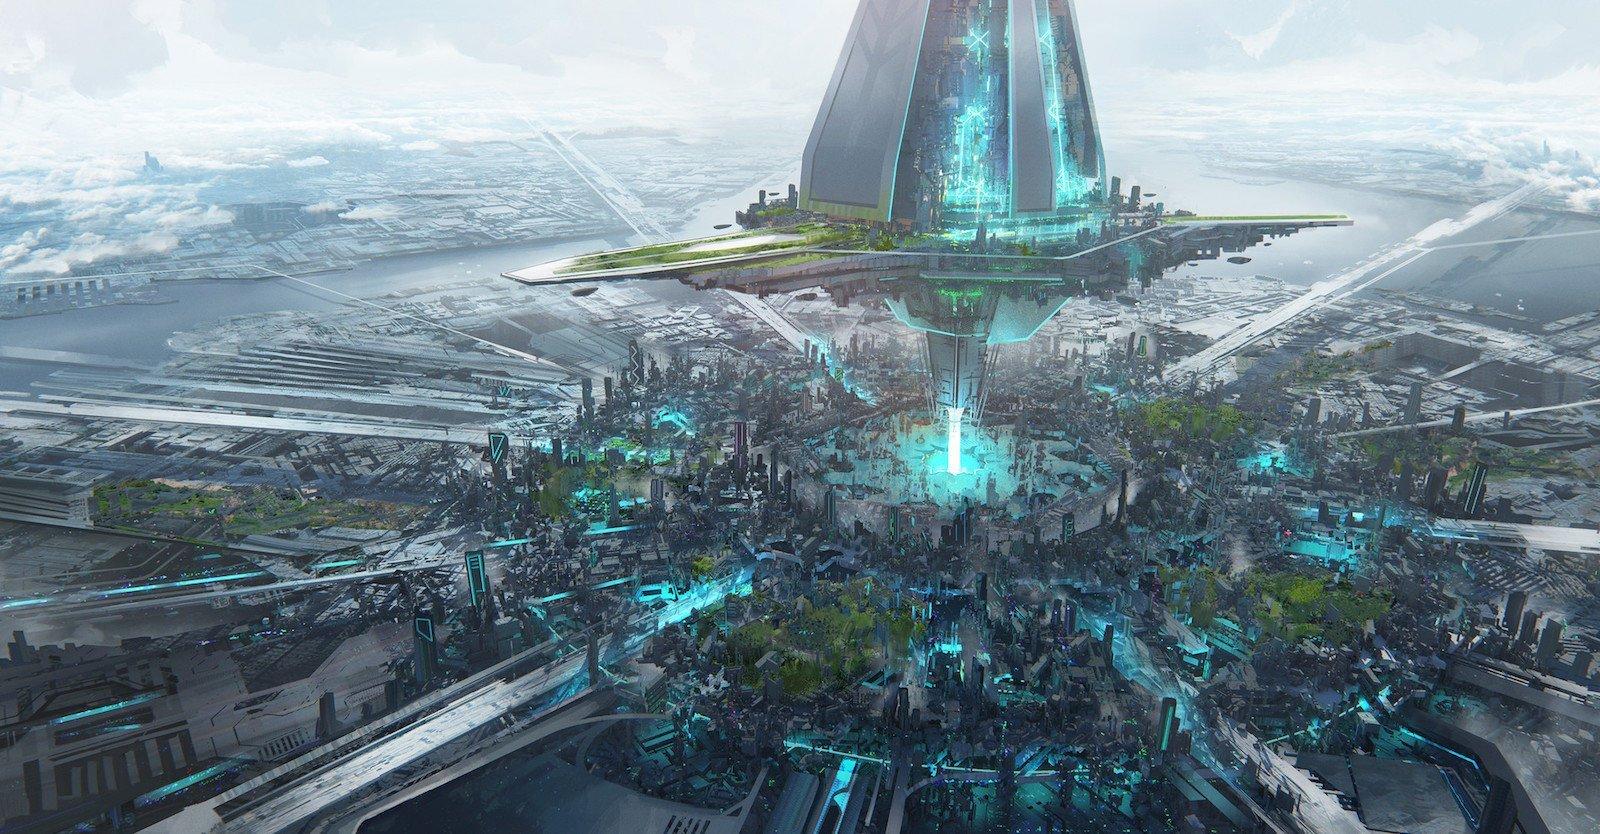 27 честных иллюстраций, которые показывают как могут выглядеть города будущего Города будущего, будущее, иллюстрации, мир, технологии